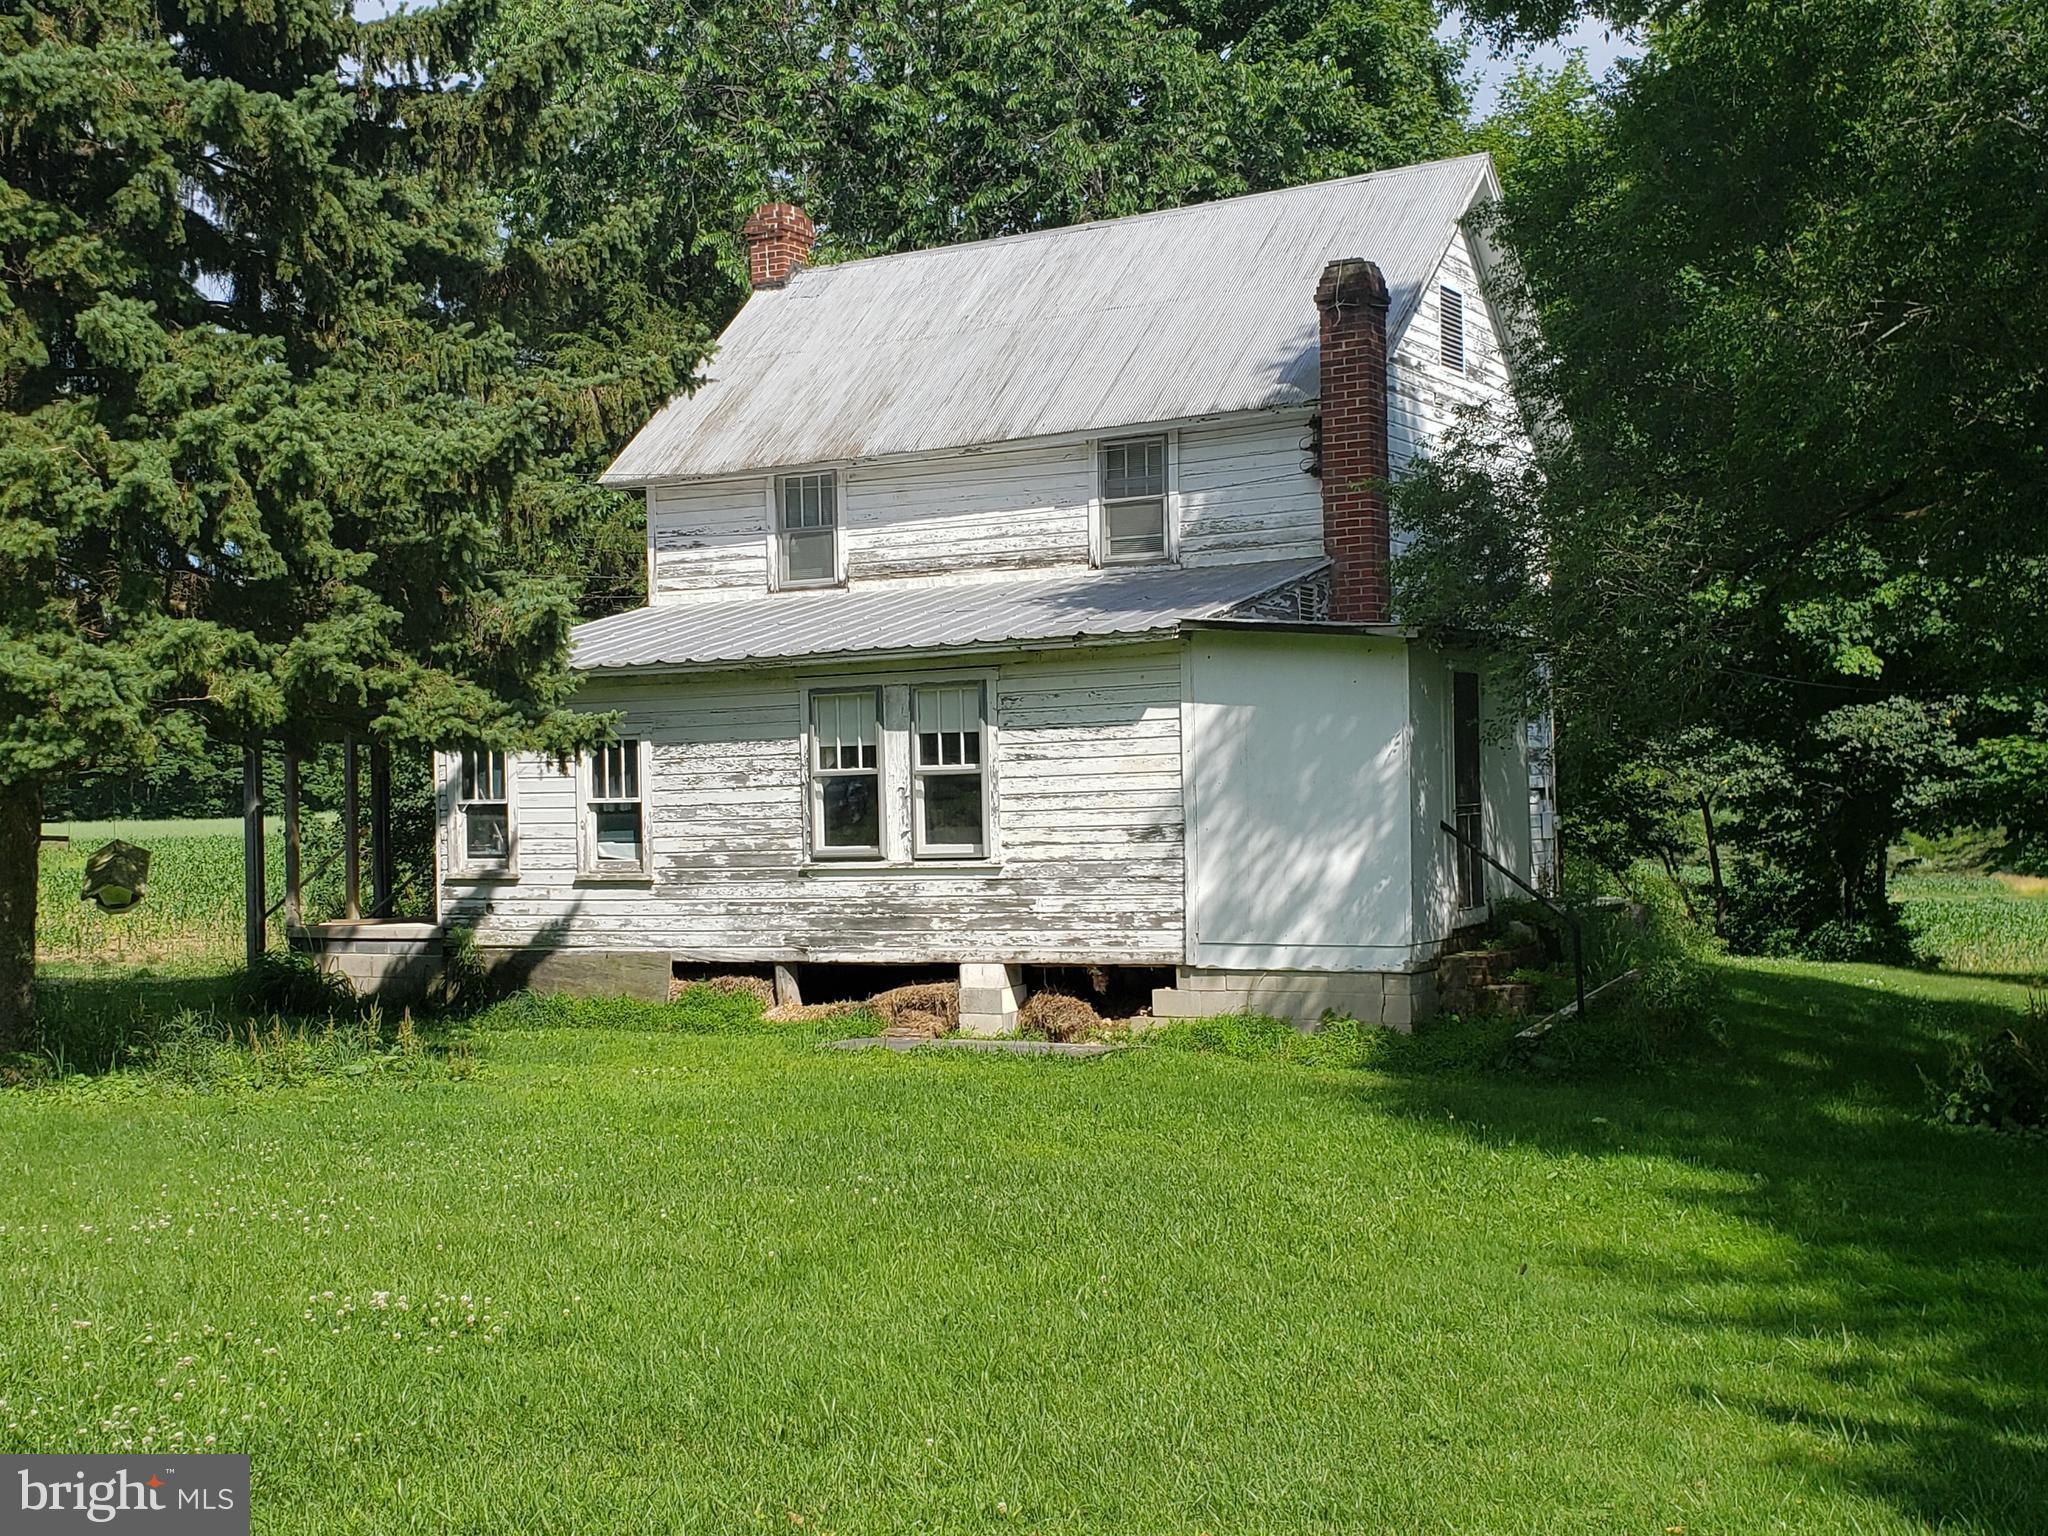 19376 RESORT ROAD, SHADE GAP, PA 17255